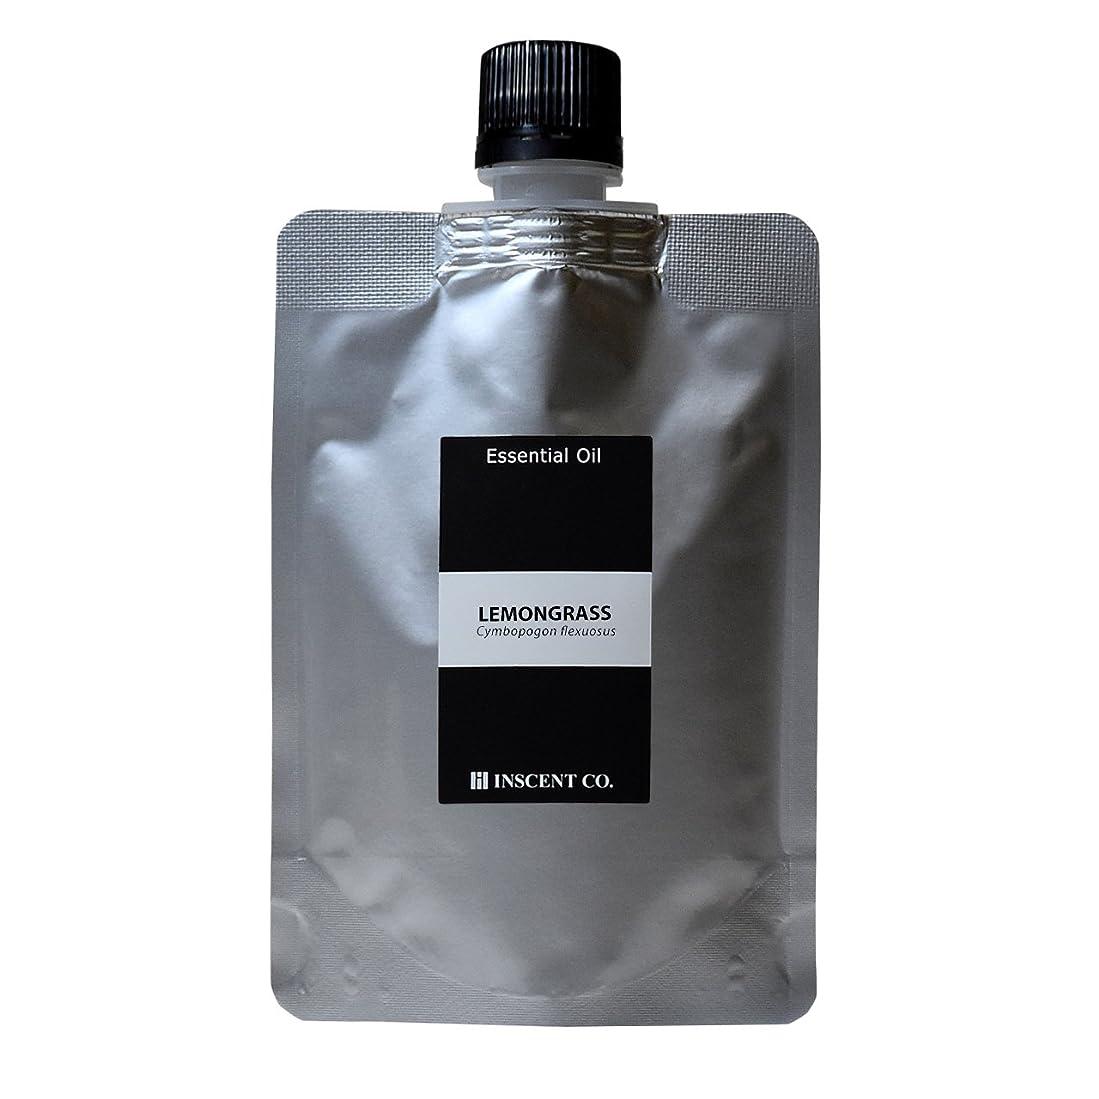 強いますスケッチ写真を撮る(詰替用 アルミパック) レモングラス 50ml インセント アロマオイル AEAJ 表示基準適合認定精油